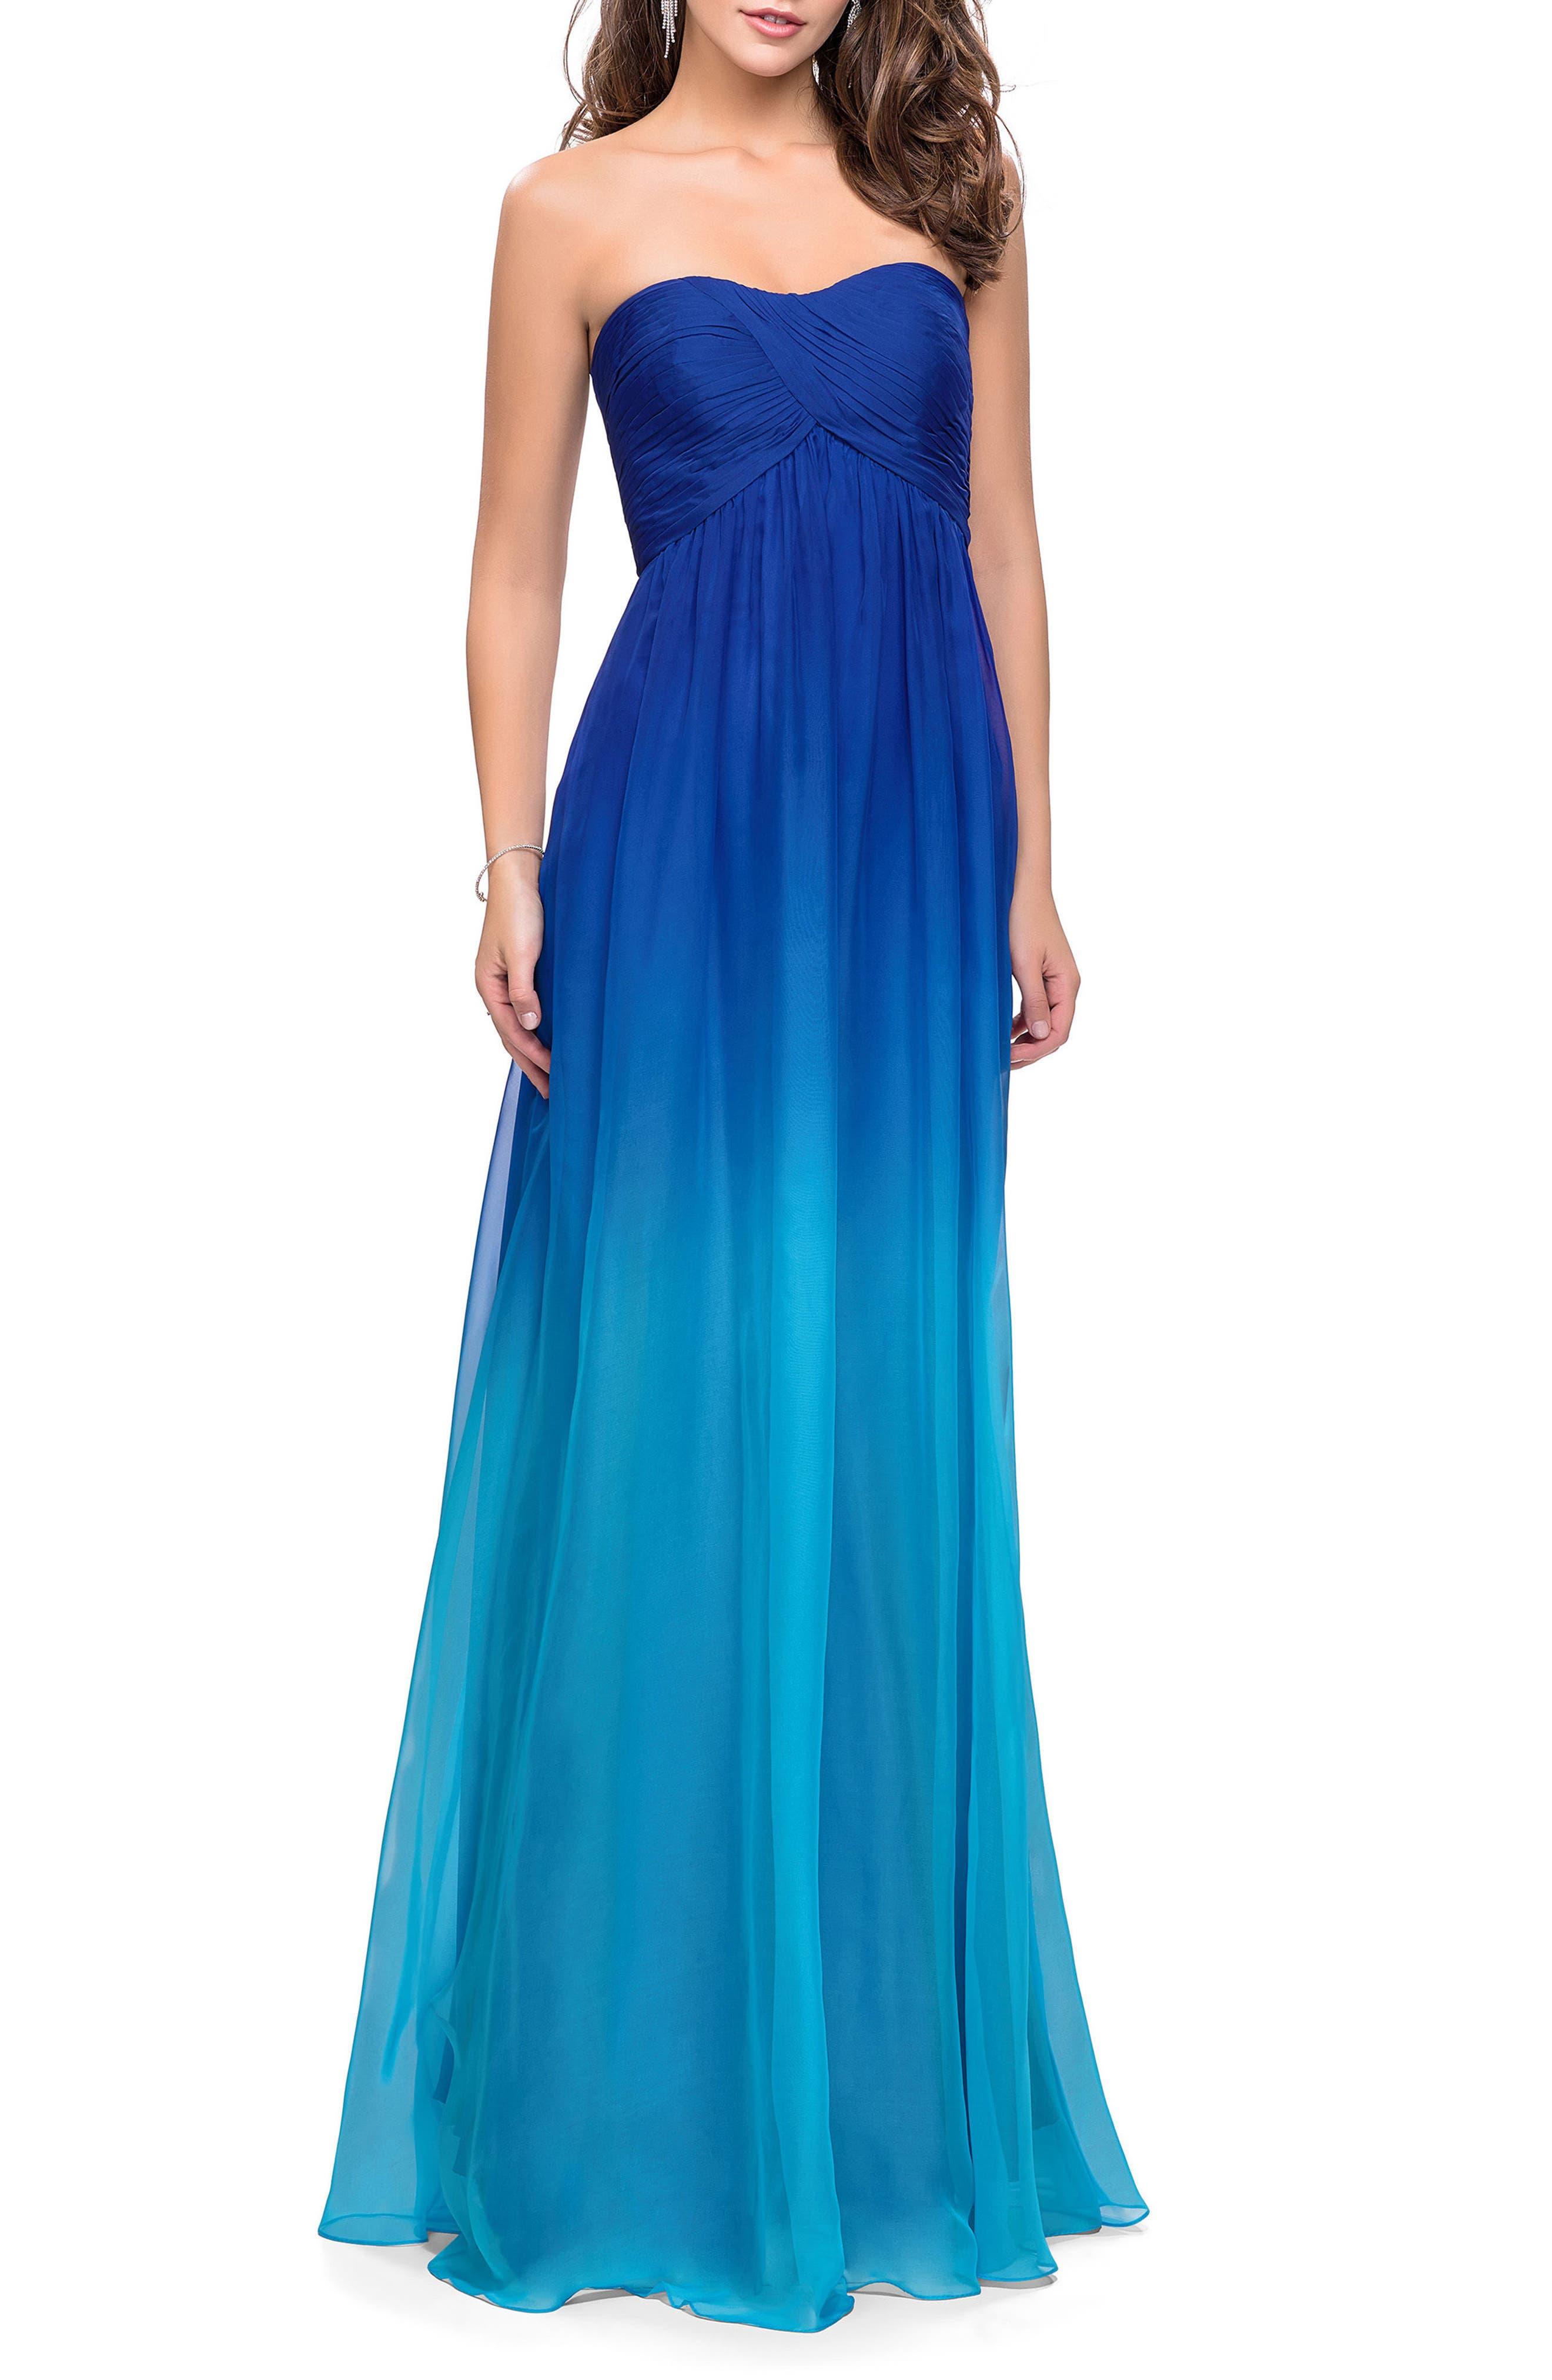 LA FEMME,                             Ruched Ombré Chiffon Strapless Gown,                             Main thumbnail 1, color,                             440